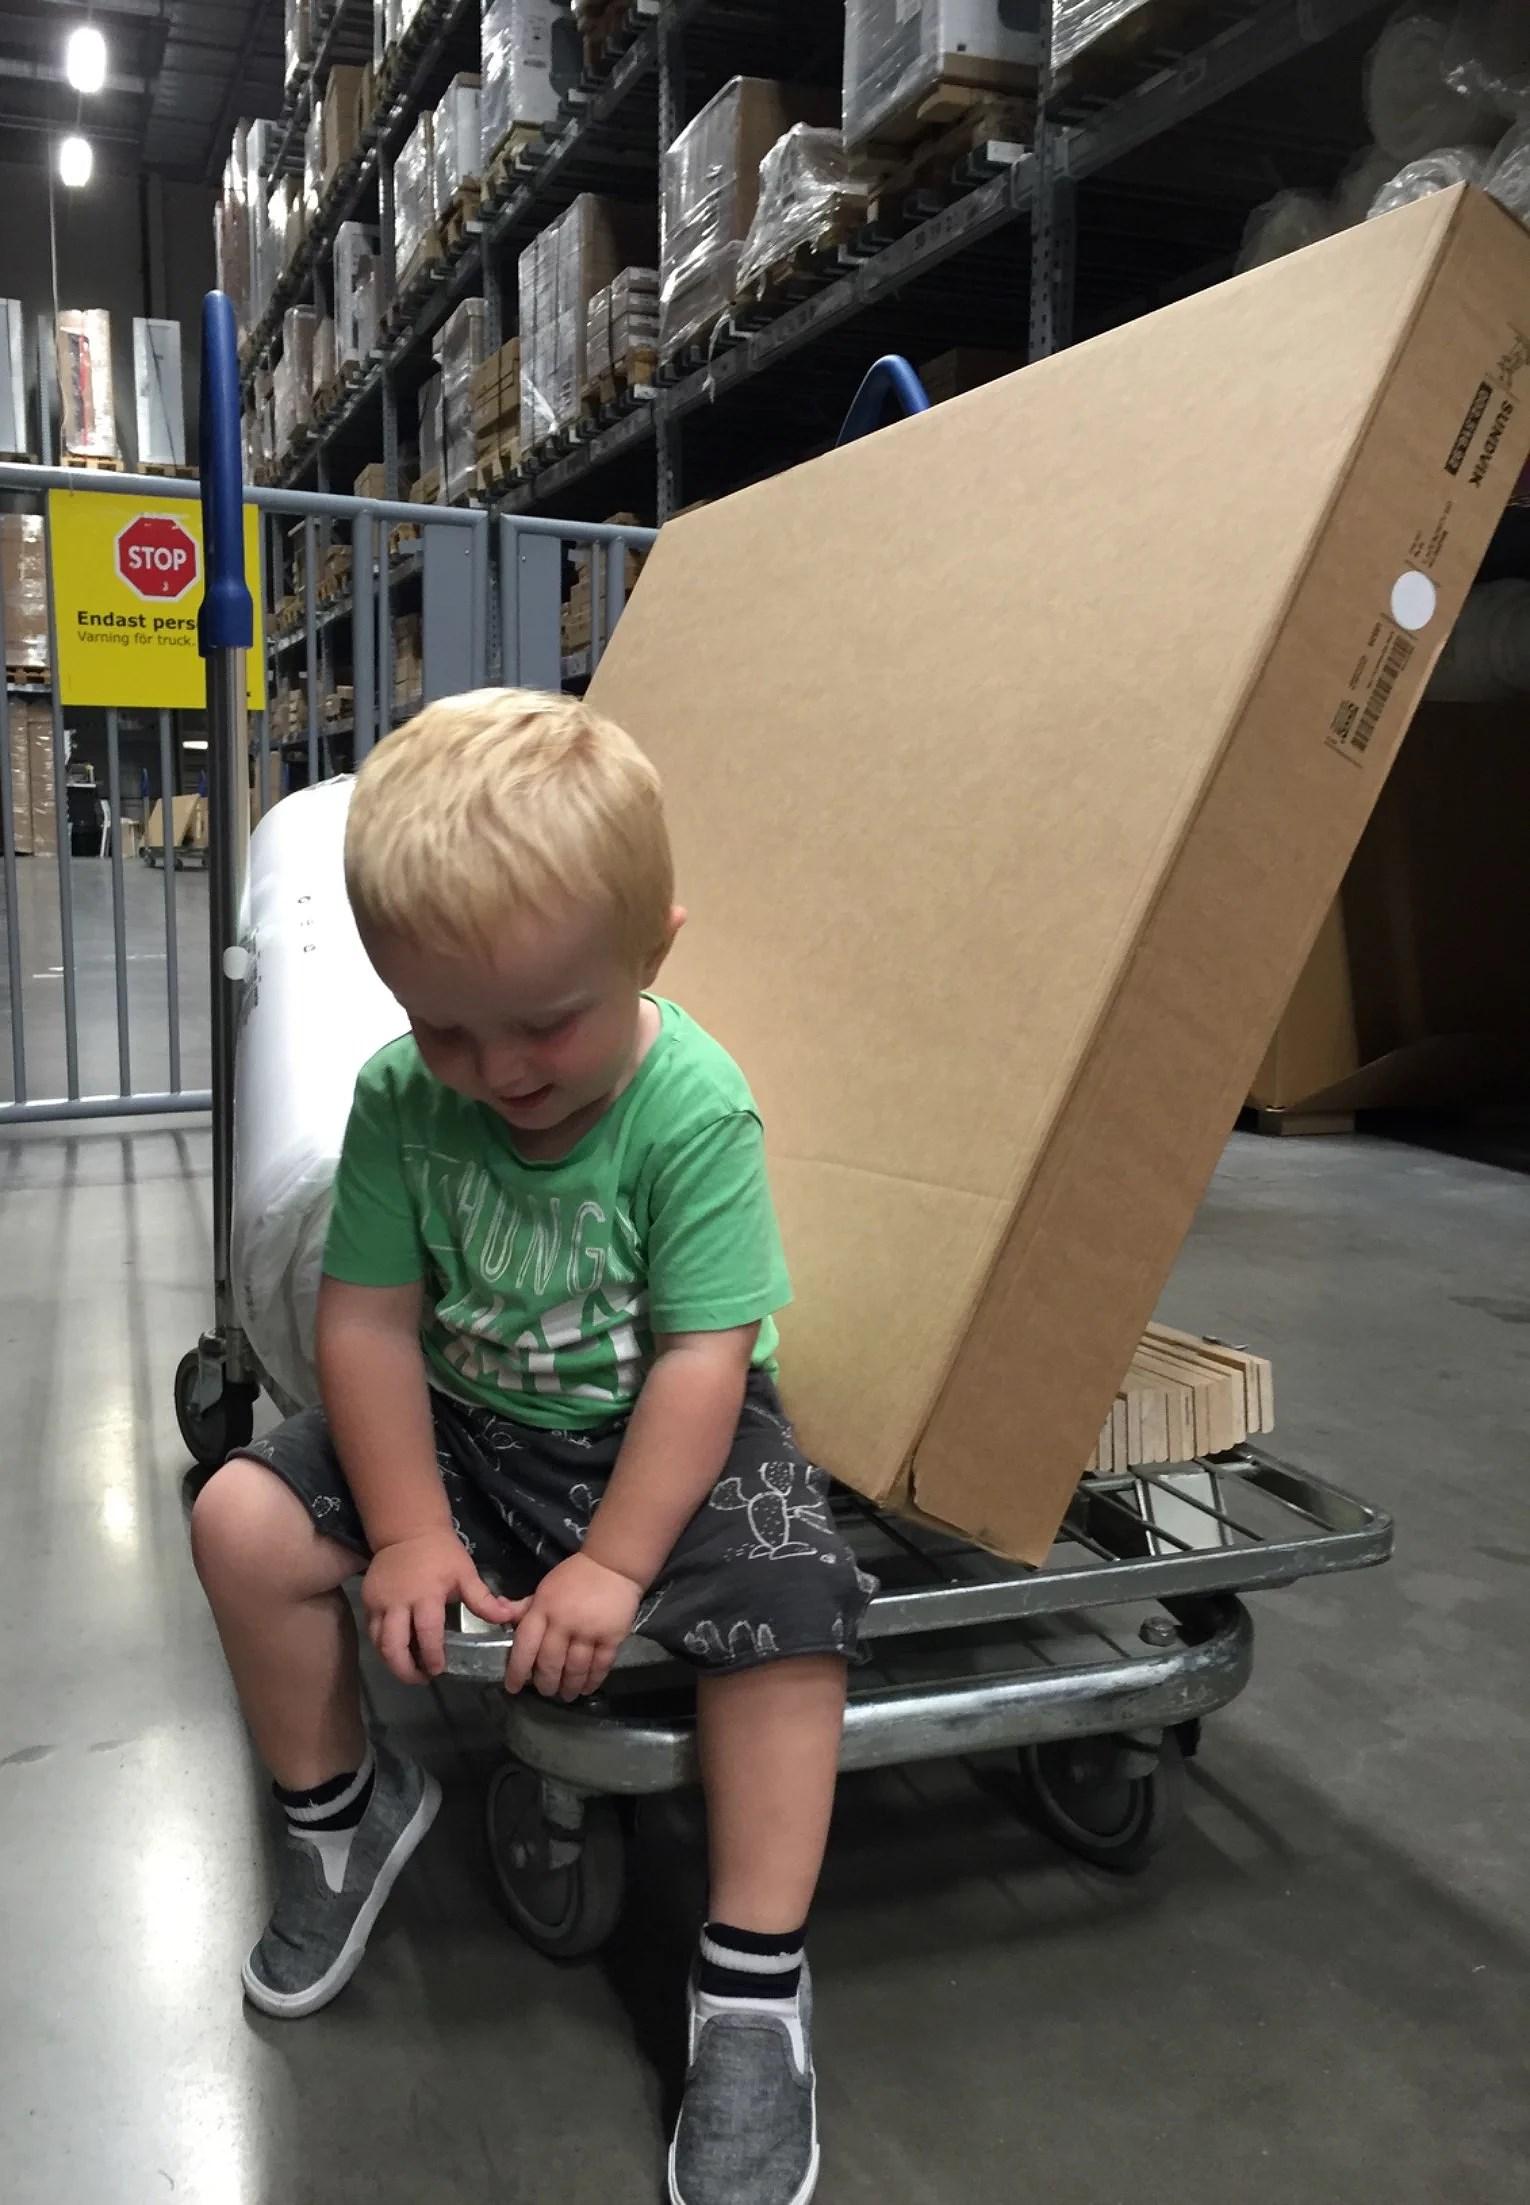 FREDAGS NÖJE PÅ IKEA